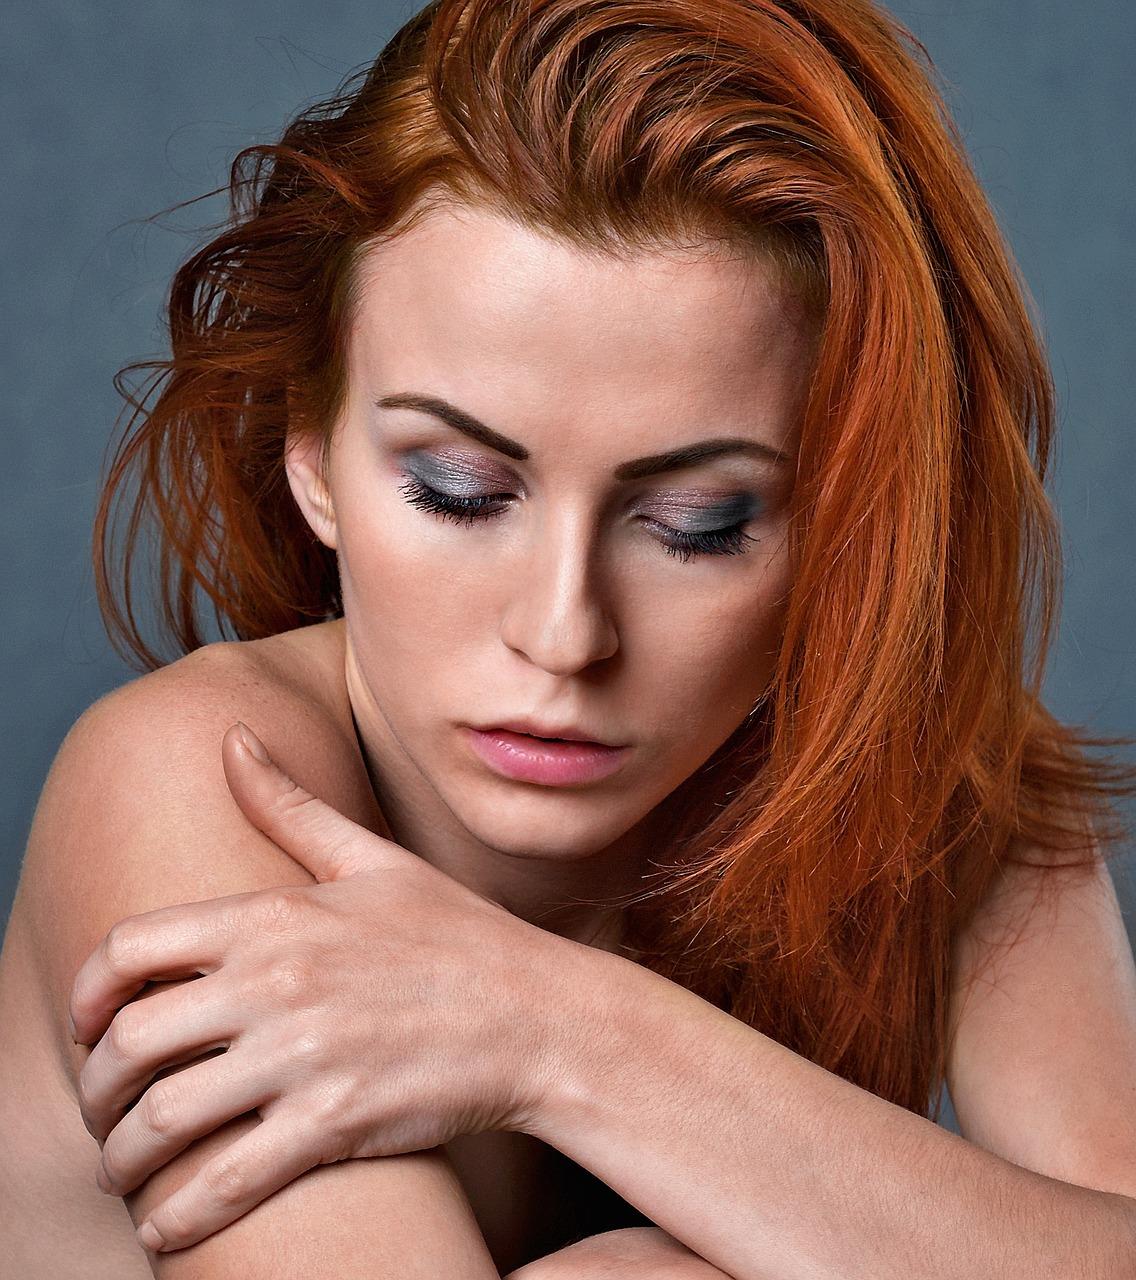 Medycyna estetyczna, a leczenie nadpotliwości